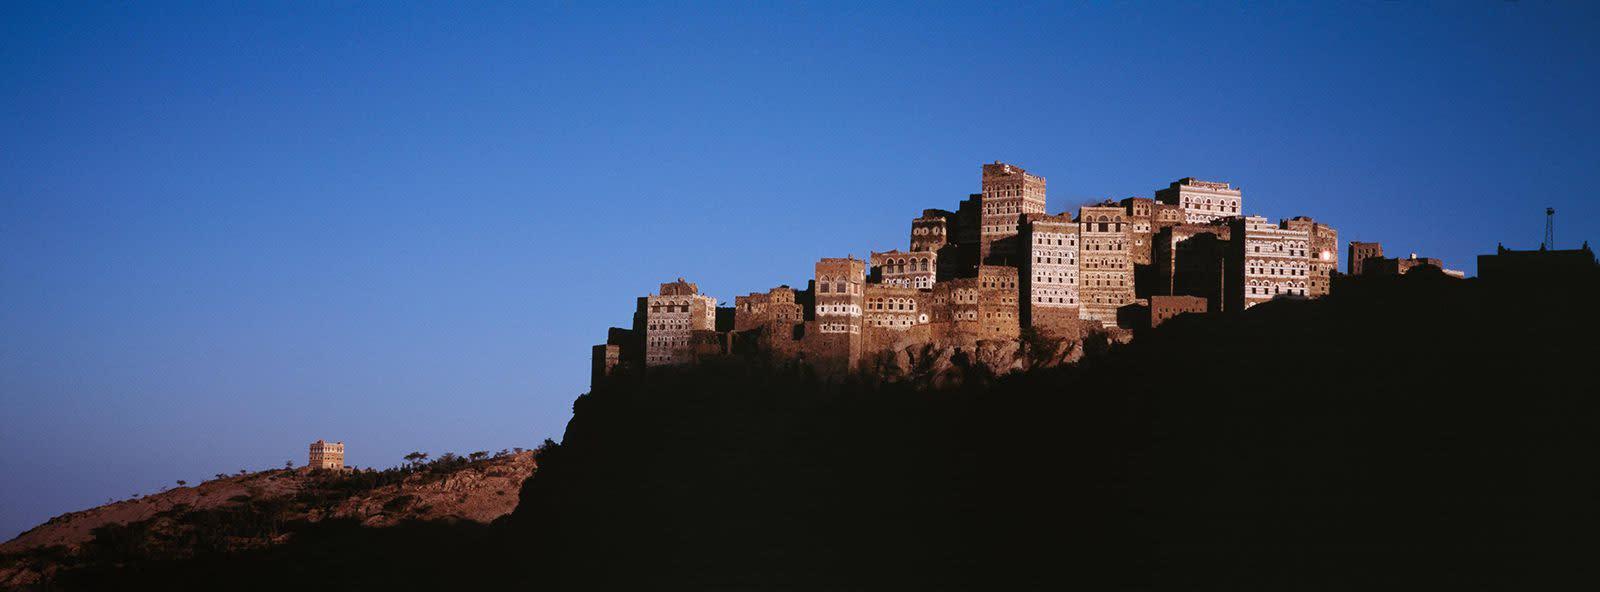 Matjaž Krivic, Al Hajjarah, Yemen, 2002 – 2006